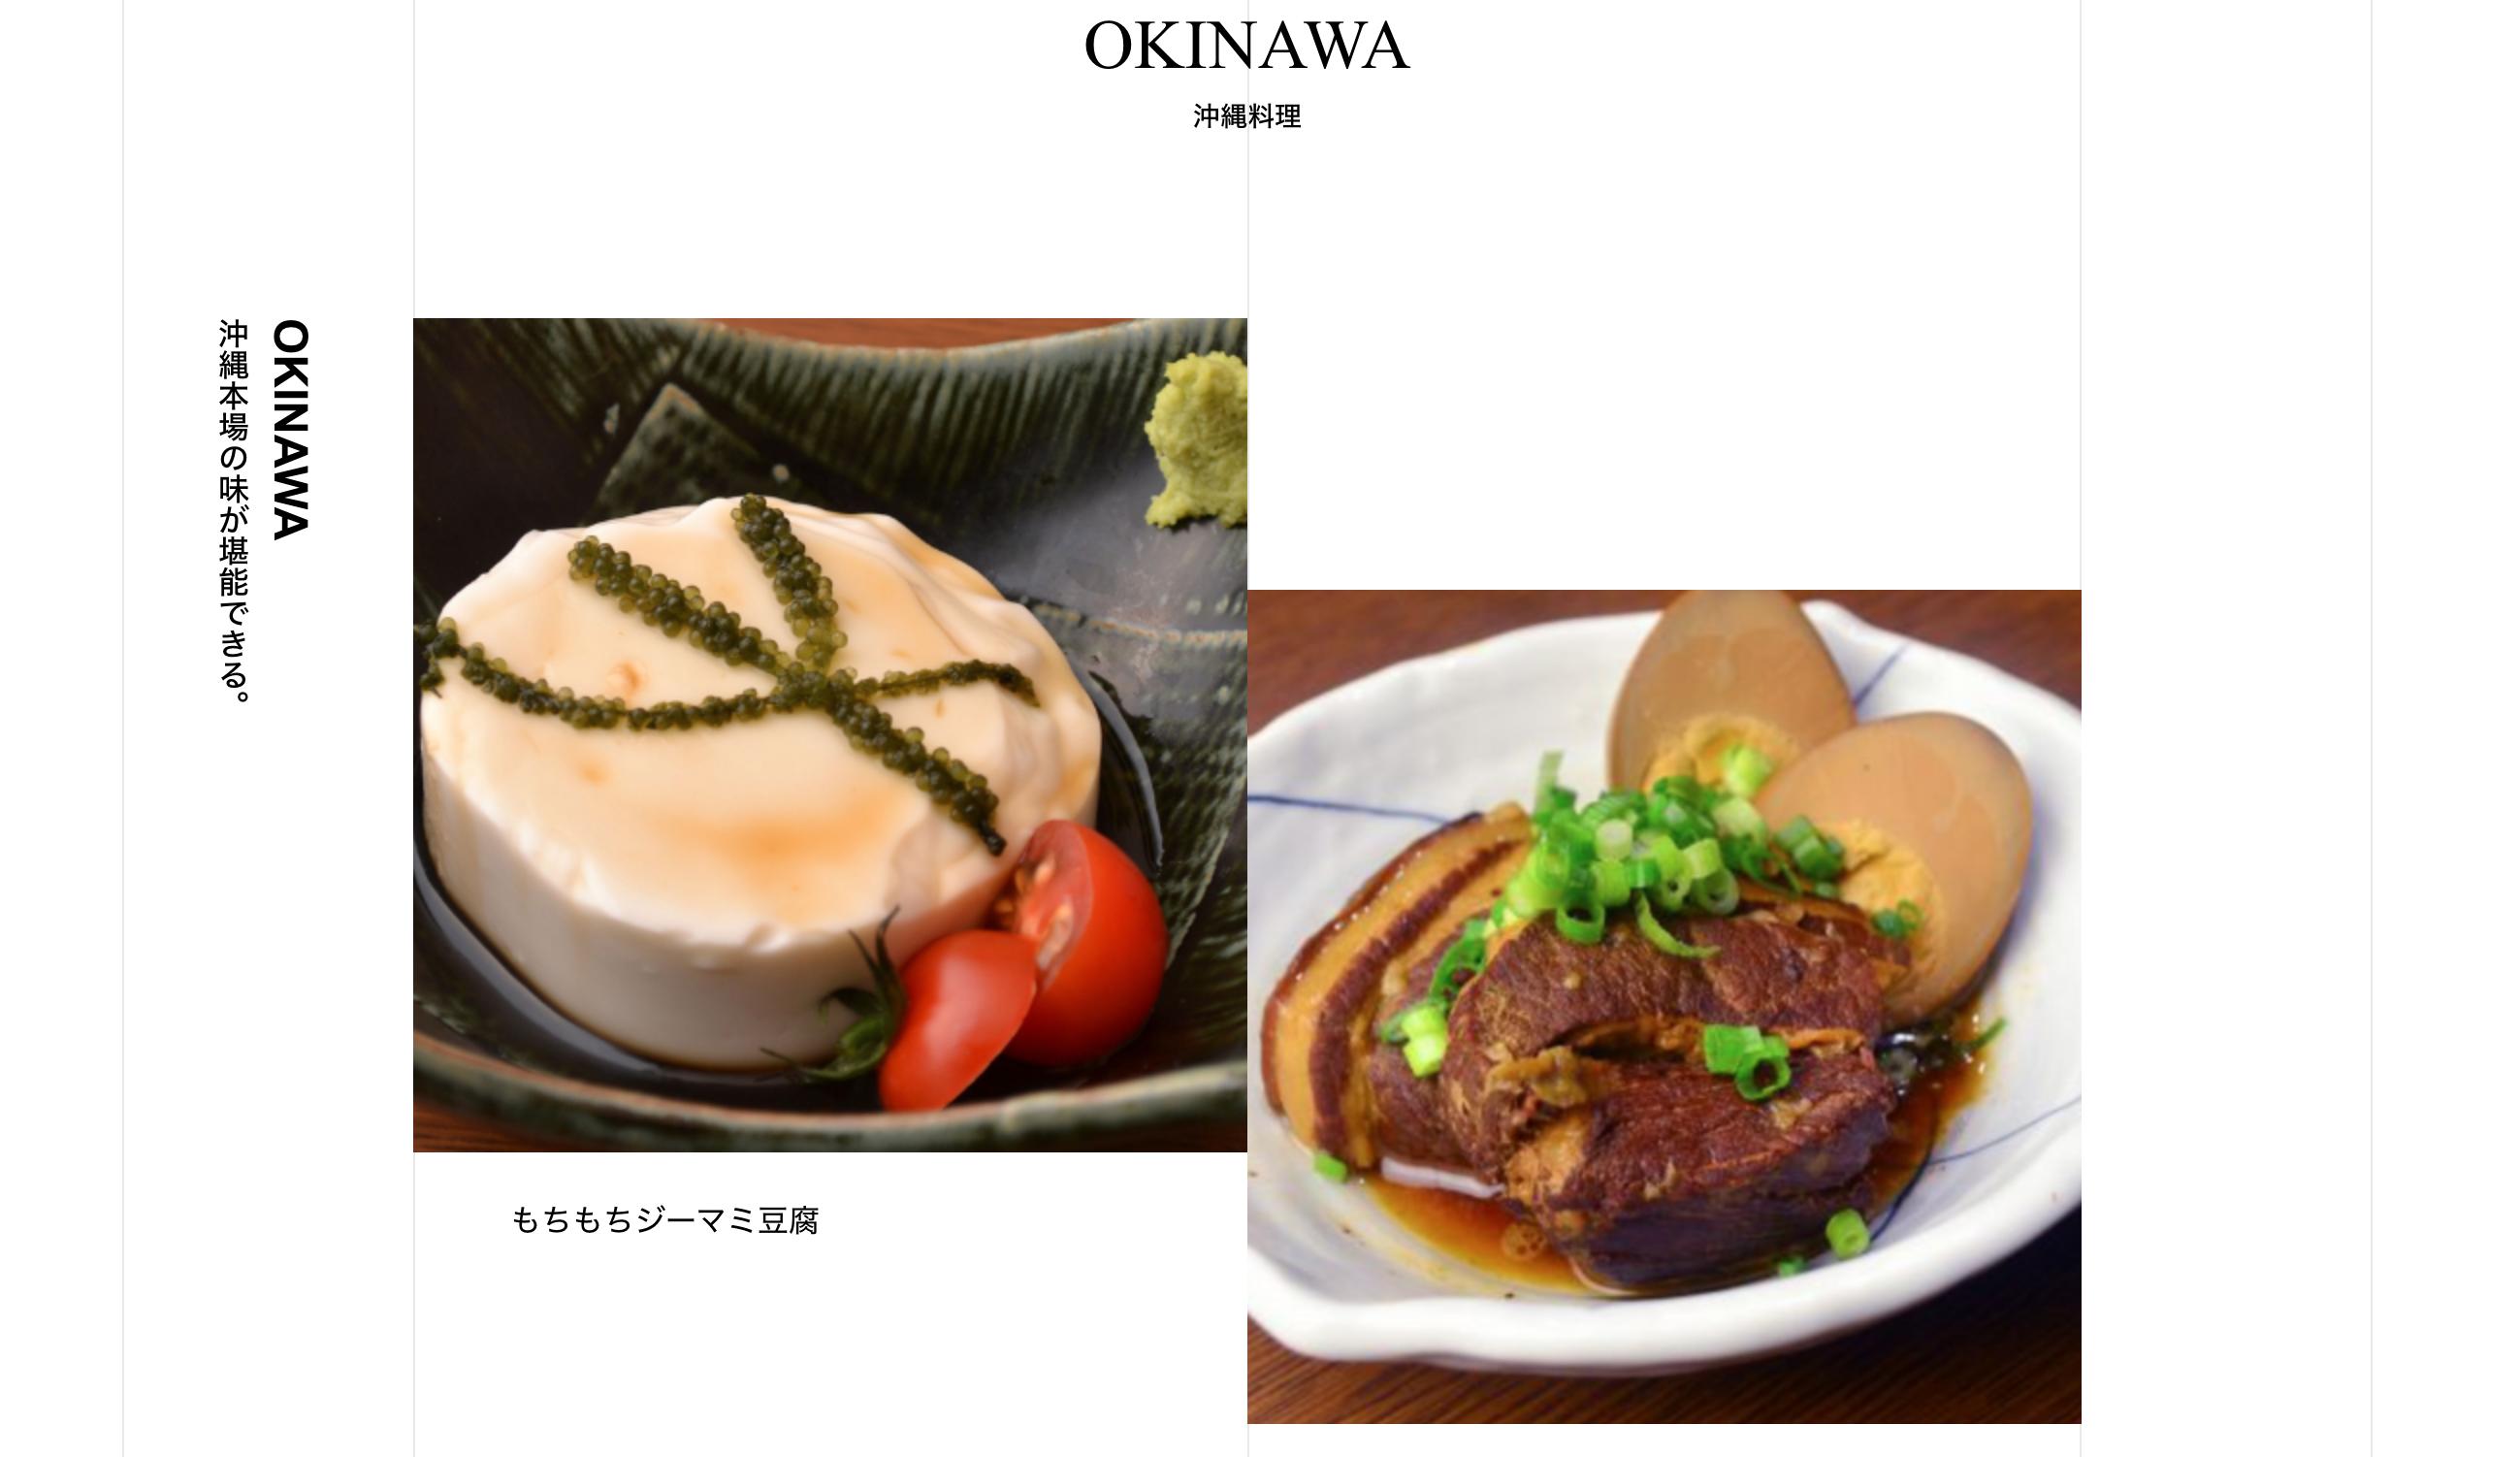 沖縄料理写真